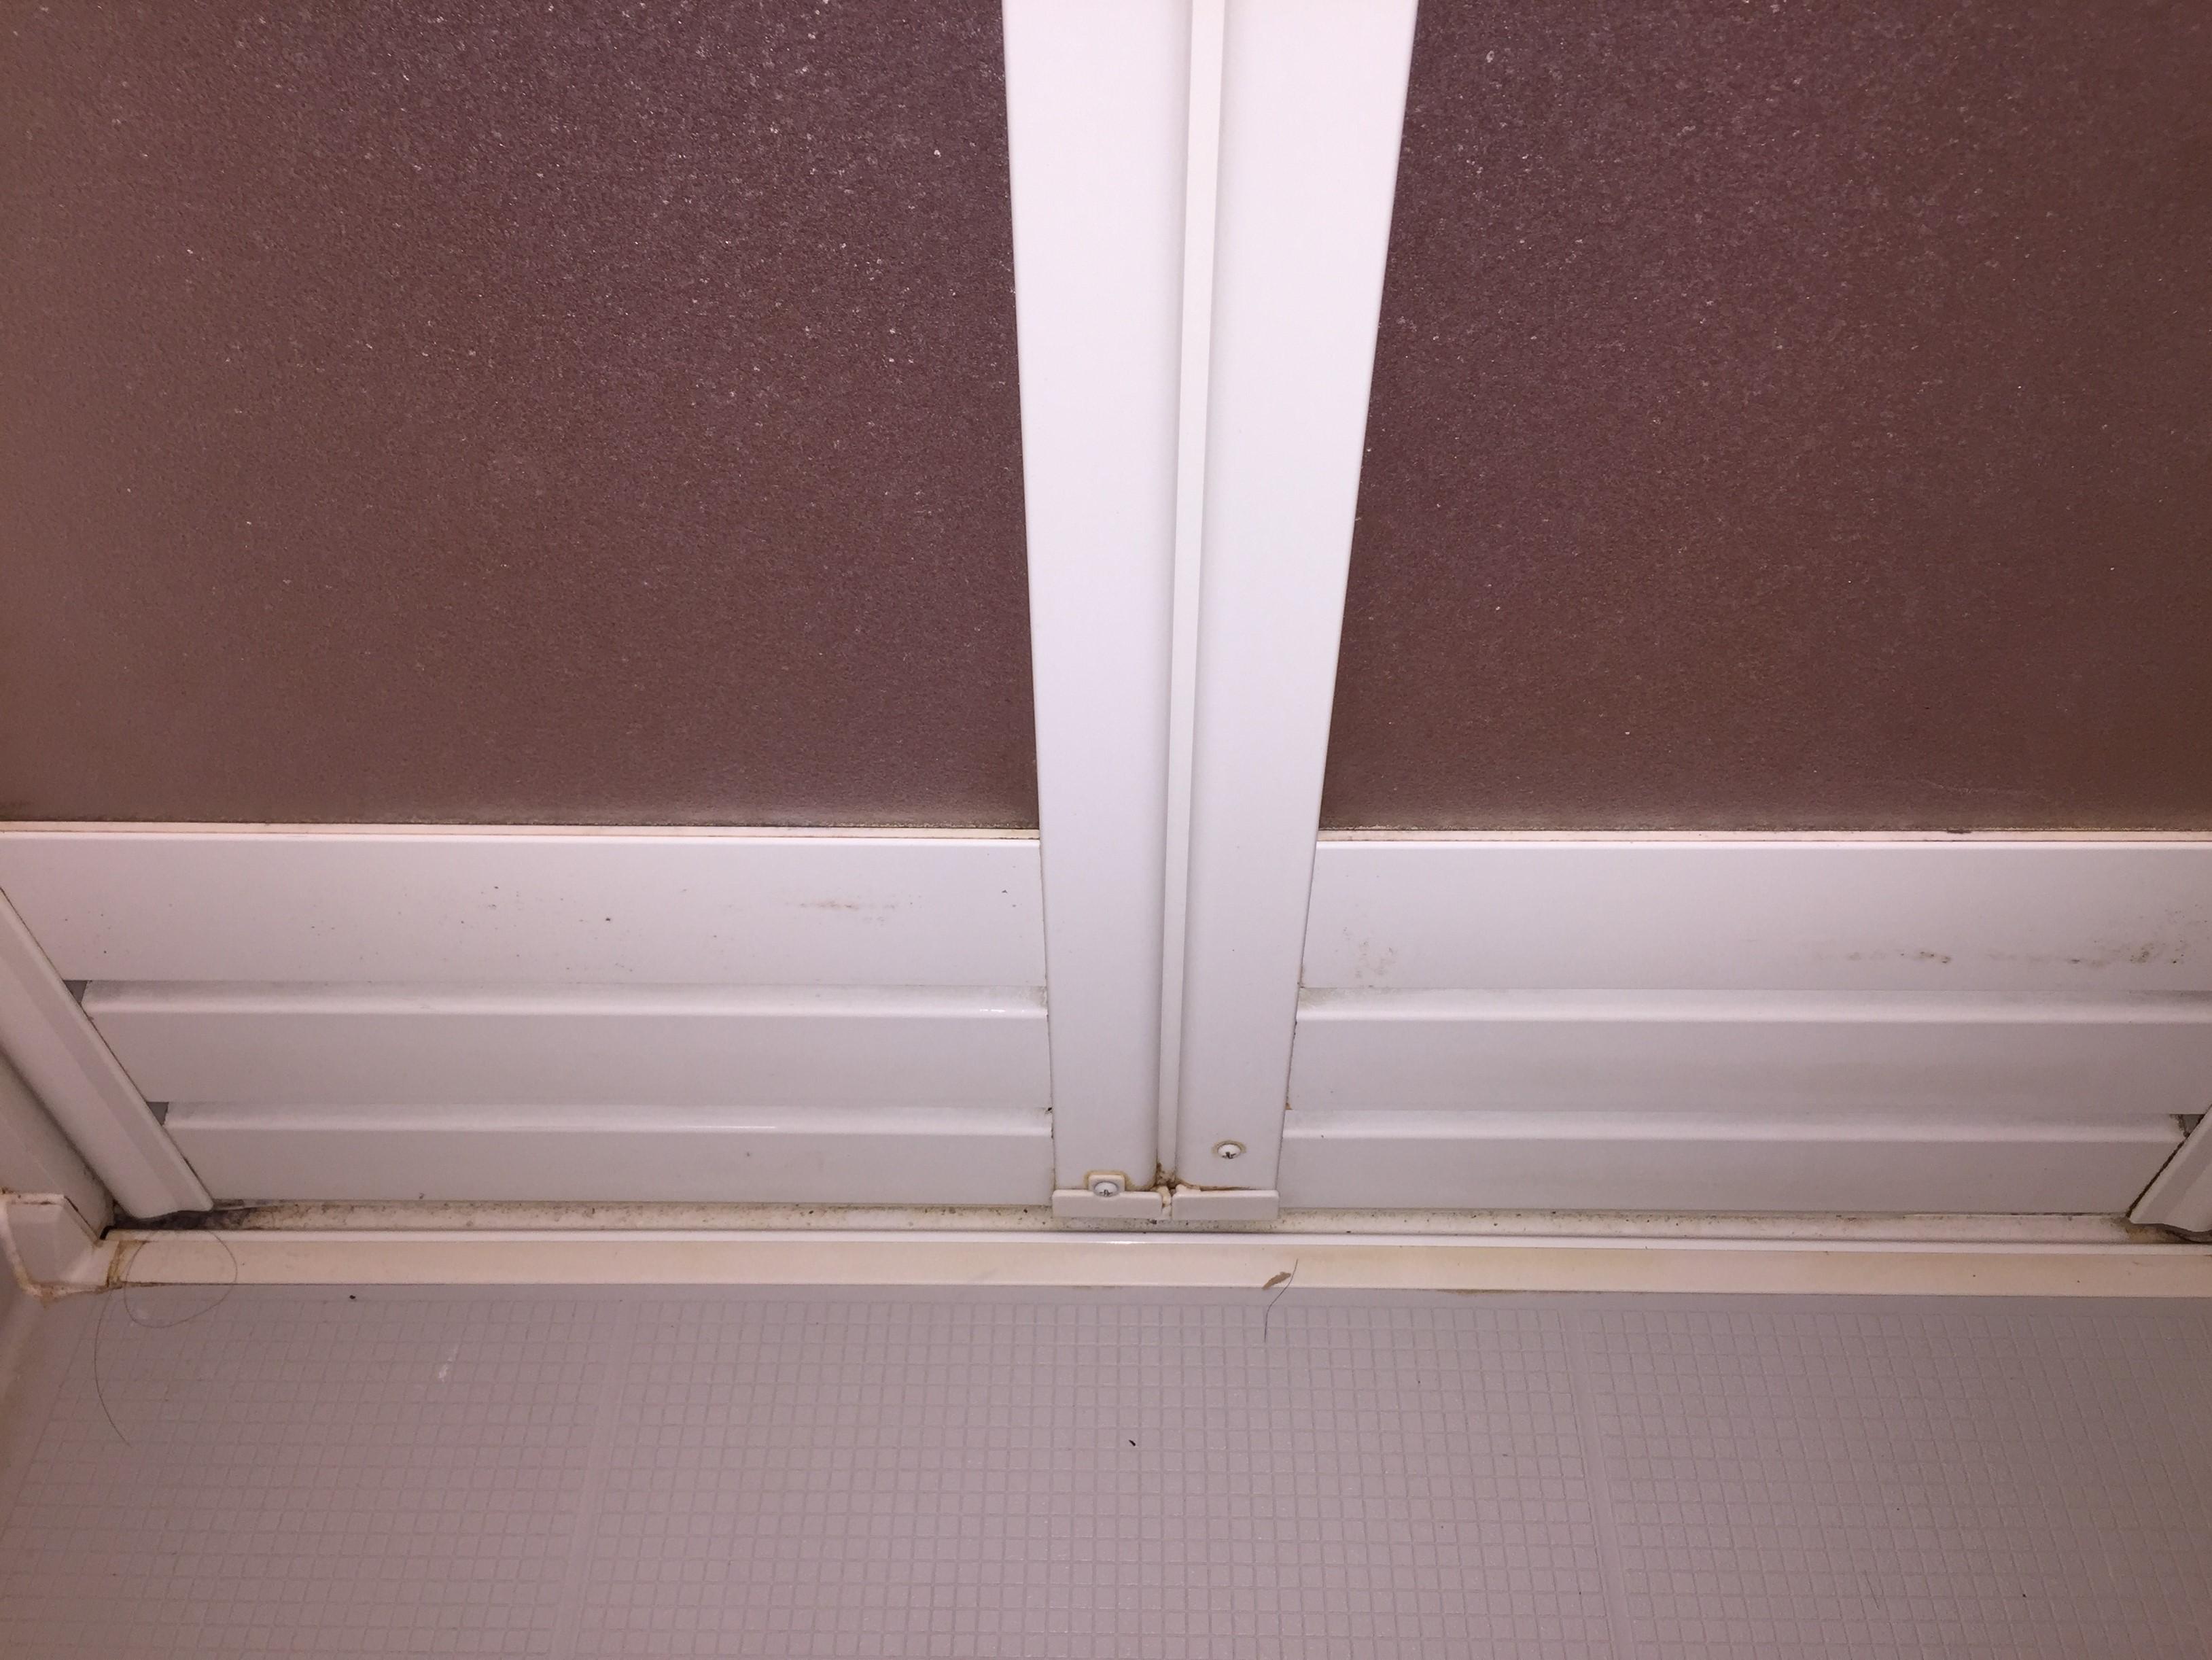 宝塚市 浴室クリーニング「扉/ドア」 ハウスクリーニング おそうじ/おそうじプラス